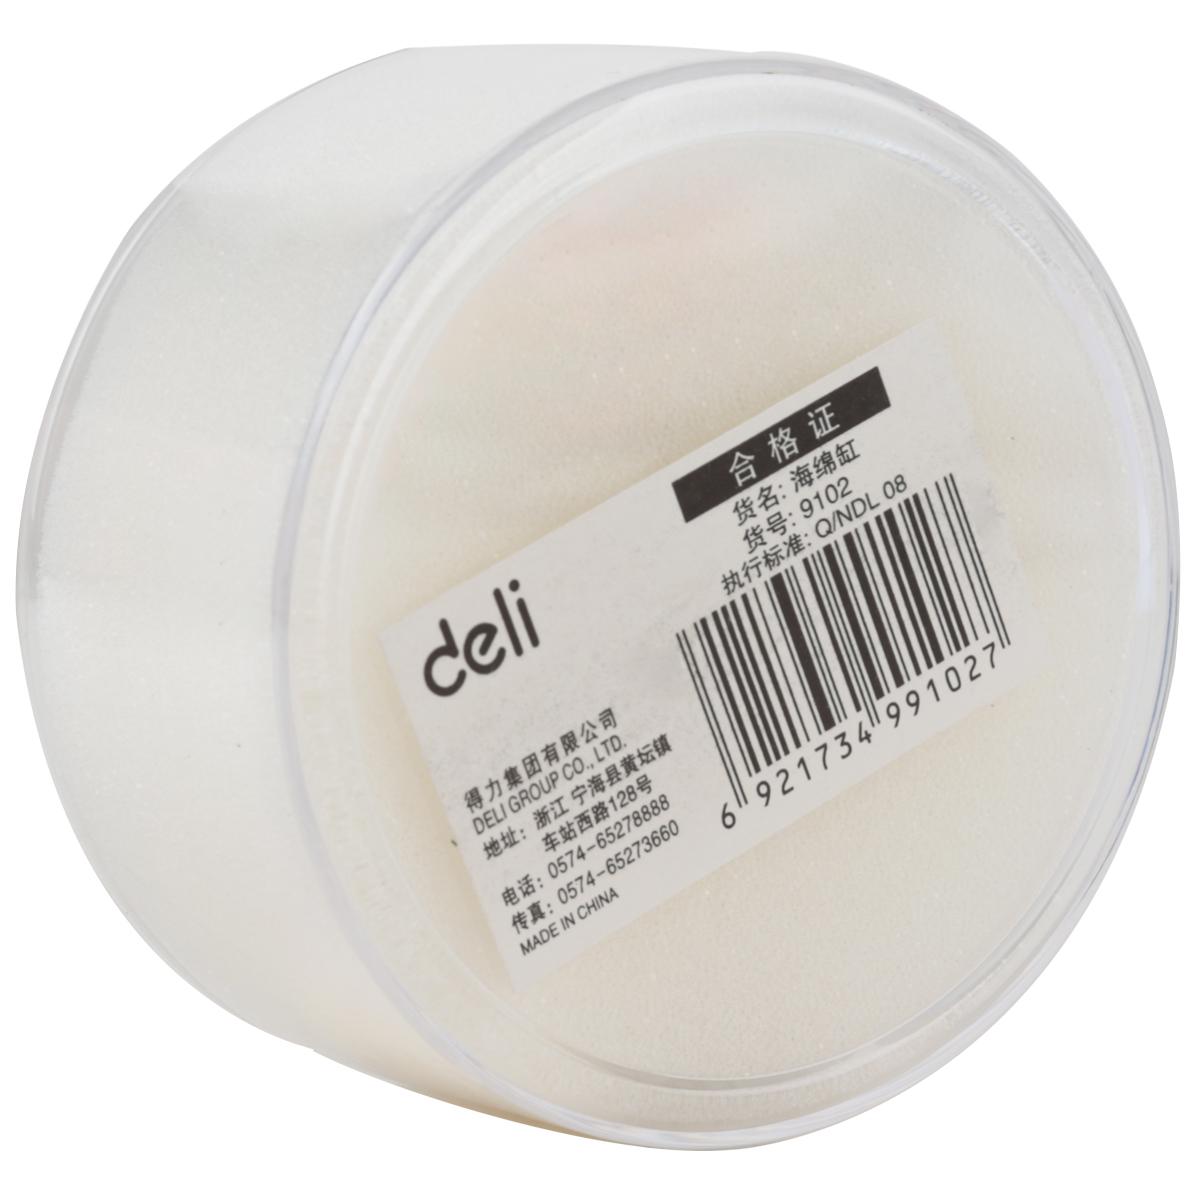 得力(Deli )9102湿手器 得力办公文具 海绵缸 湿手器 点钞润手器